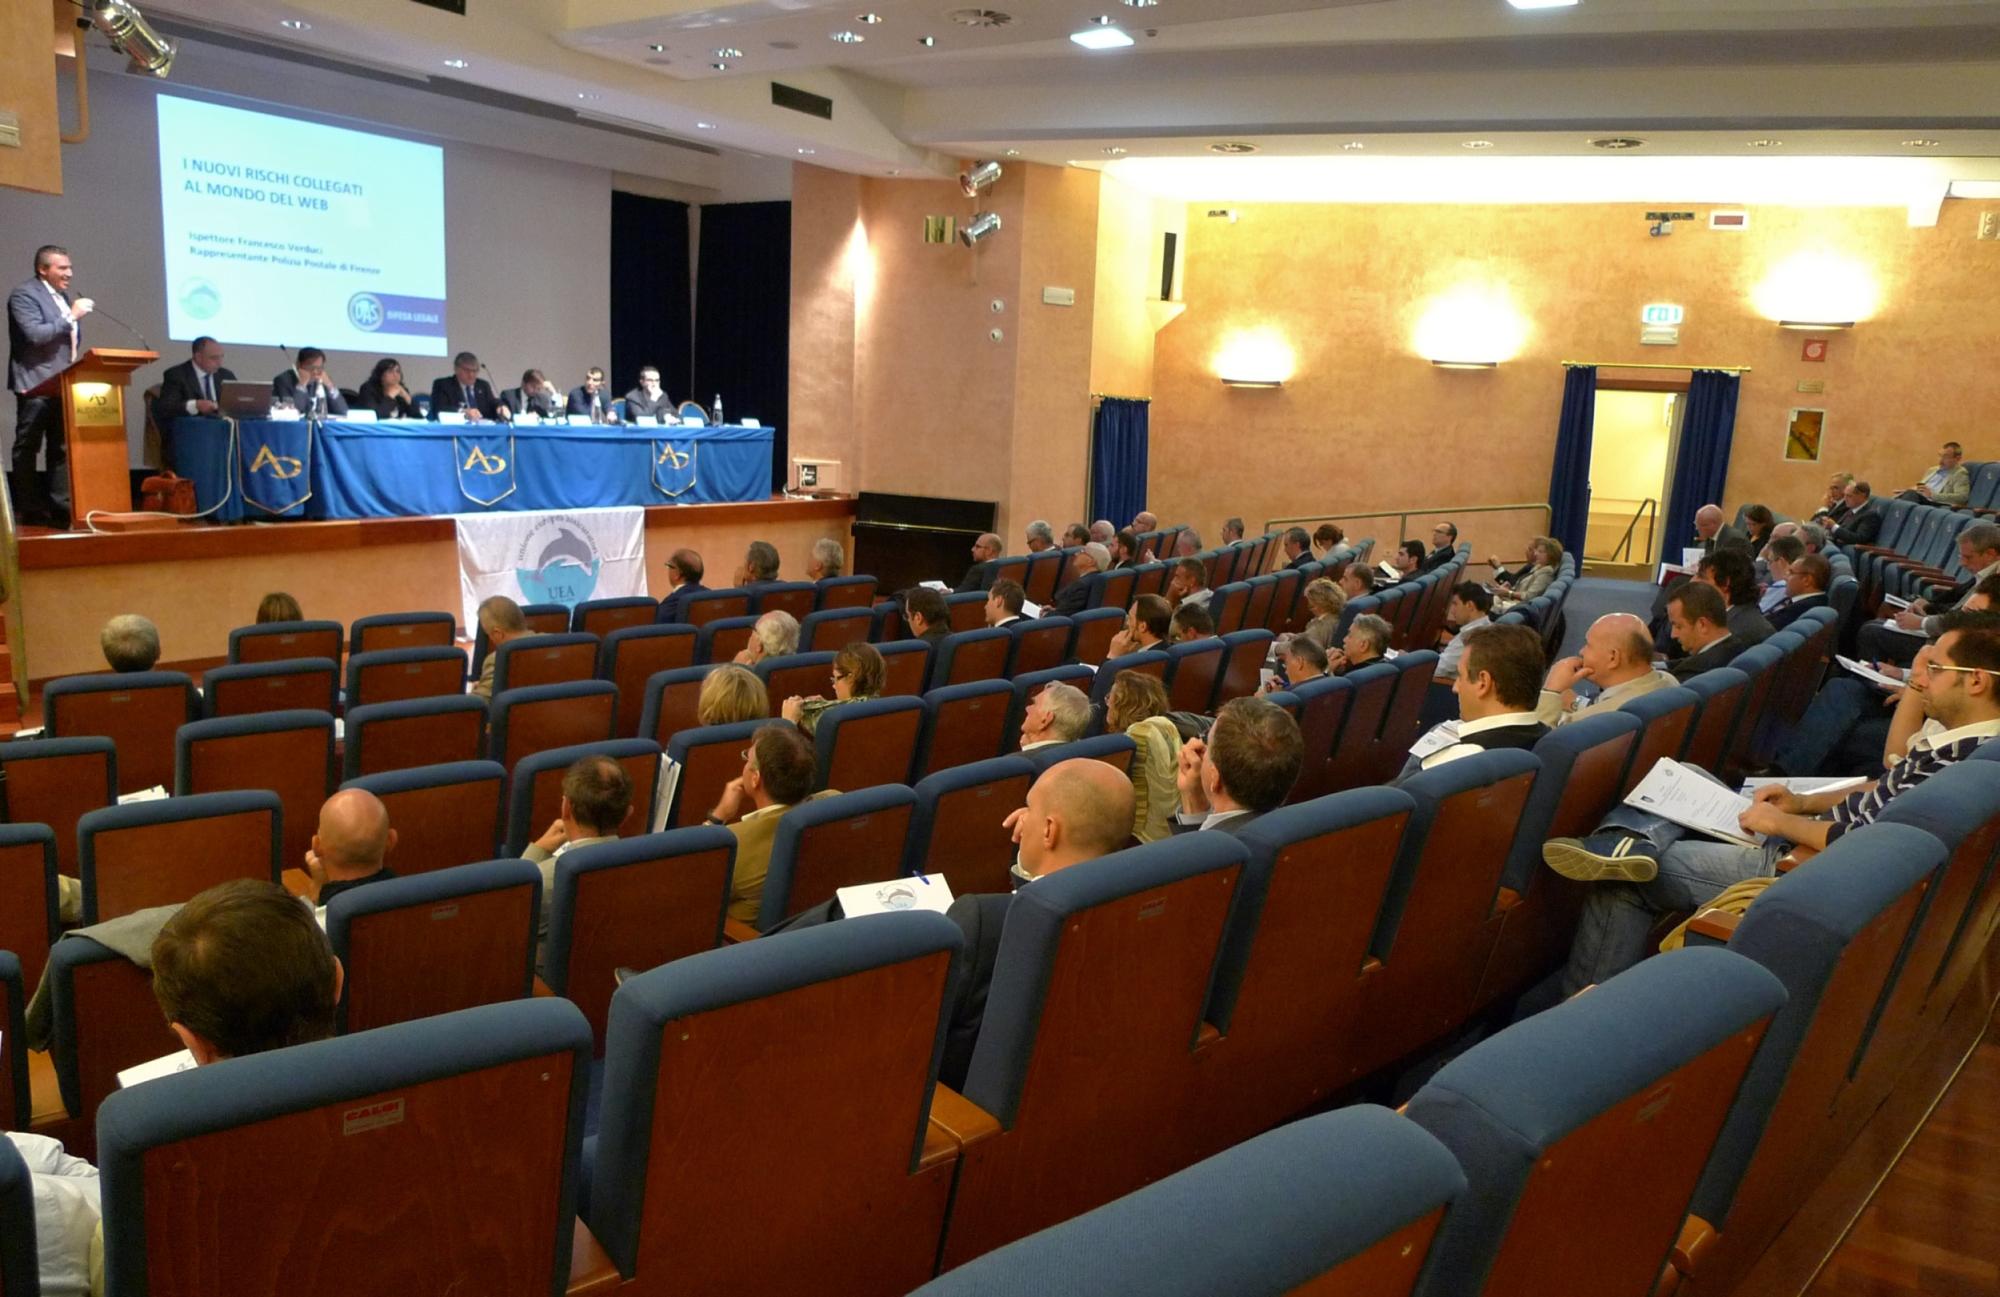 Convegno UEA DAS Firenze - Ottobre 2013 (2) Imc